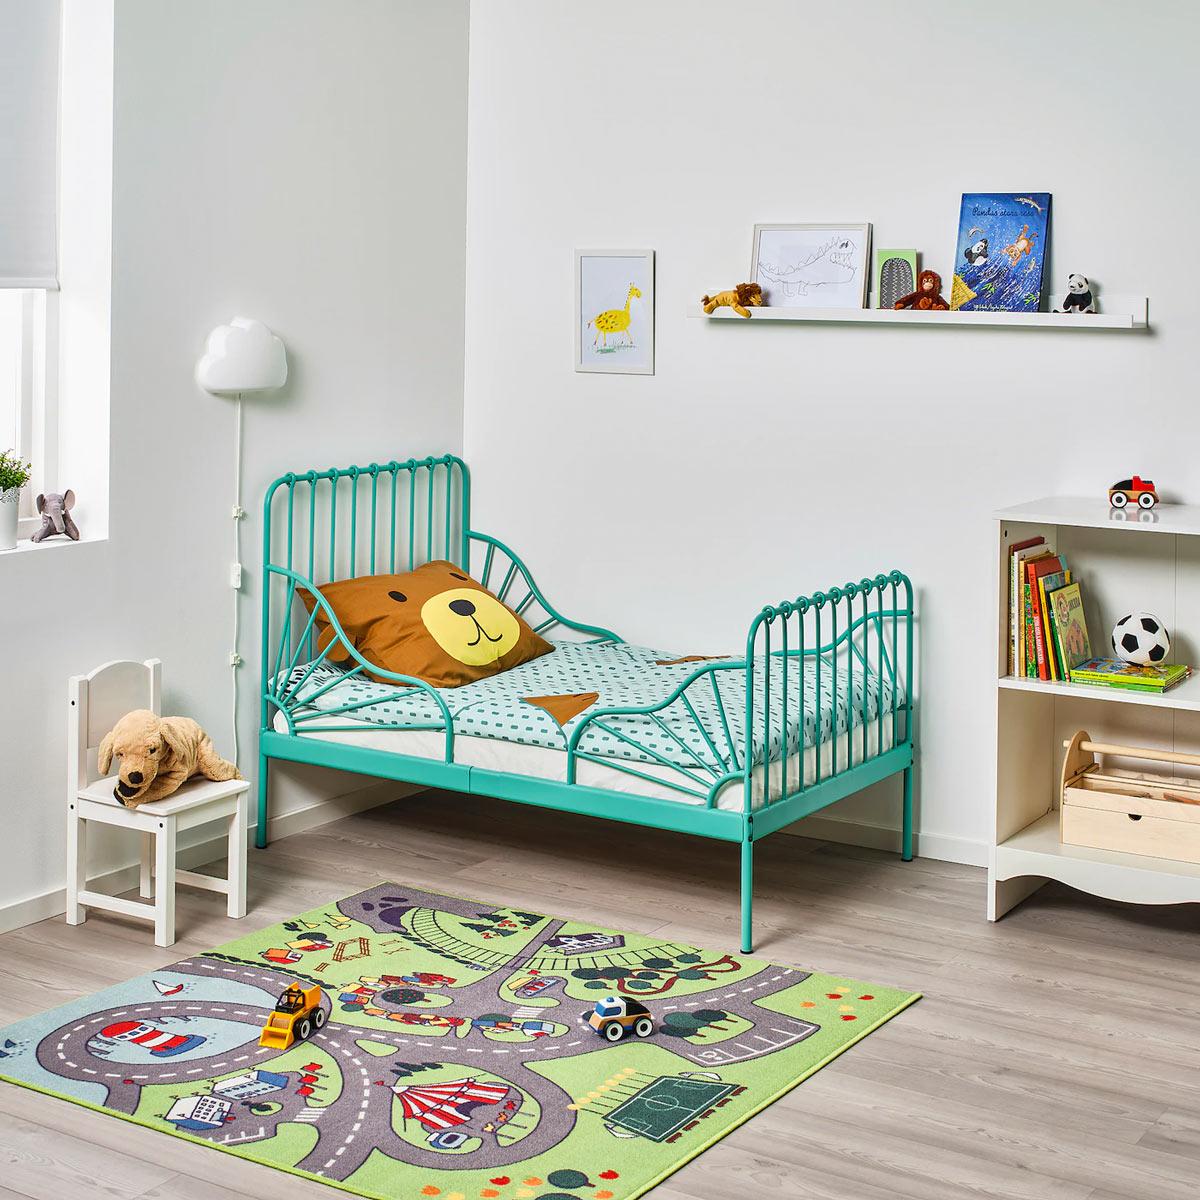 Armadio Cameretta Bimbi Ikea.Camerette Ikea 2020 15 Idee Belle E Funzionali Per La Camera Dei Bambini